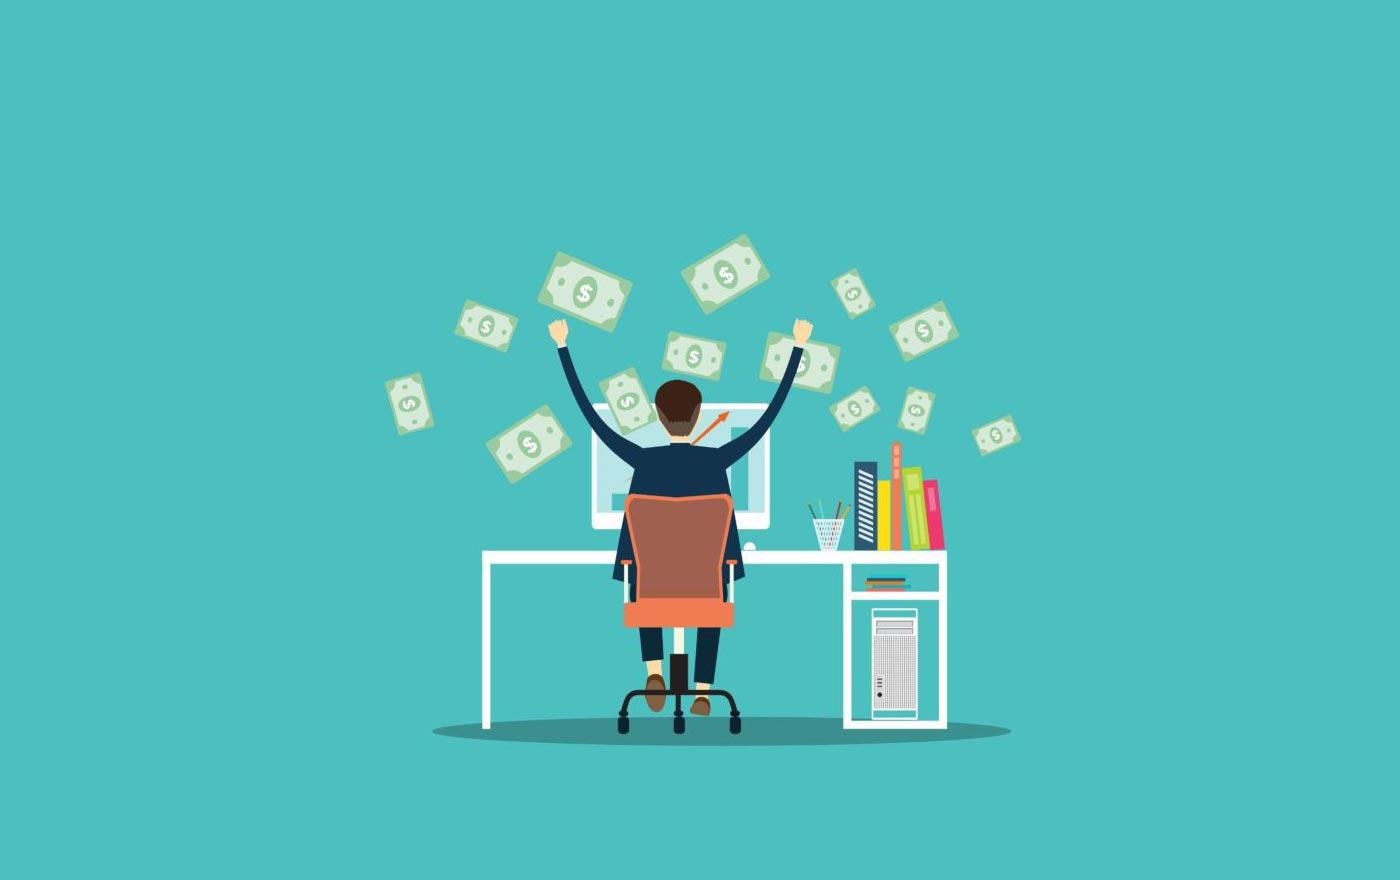 کار املاک؛ کسب و کار اینترنتی